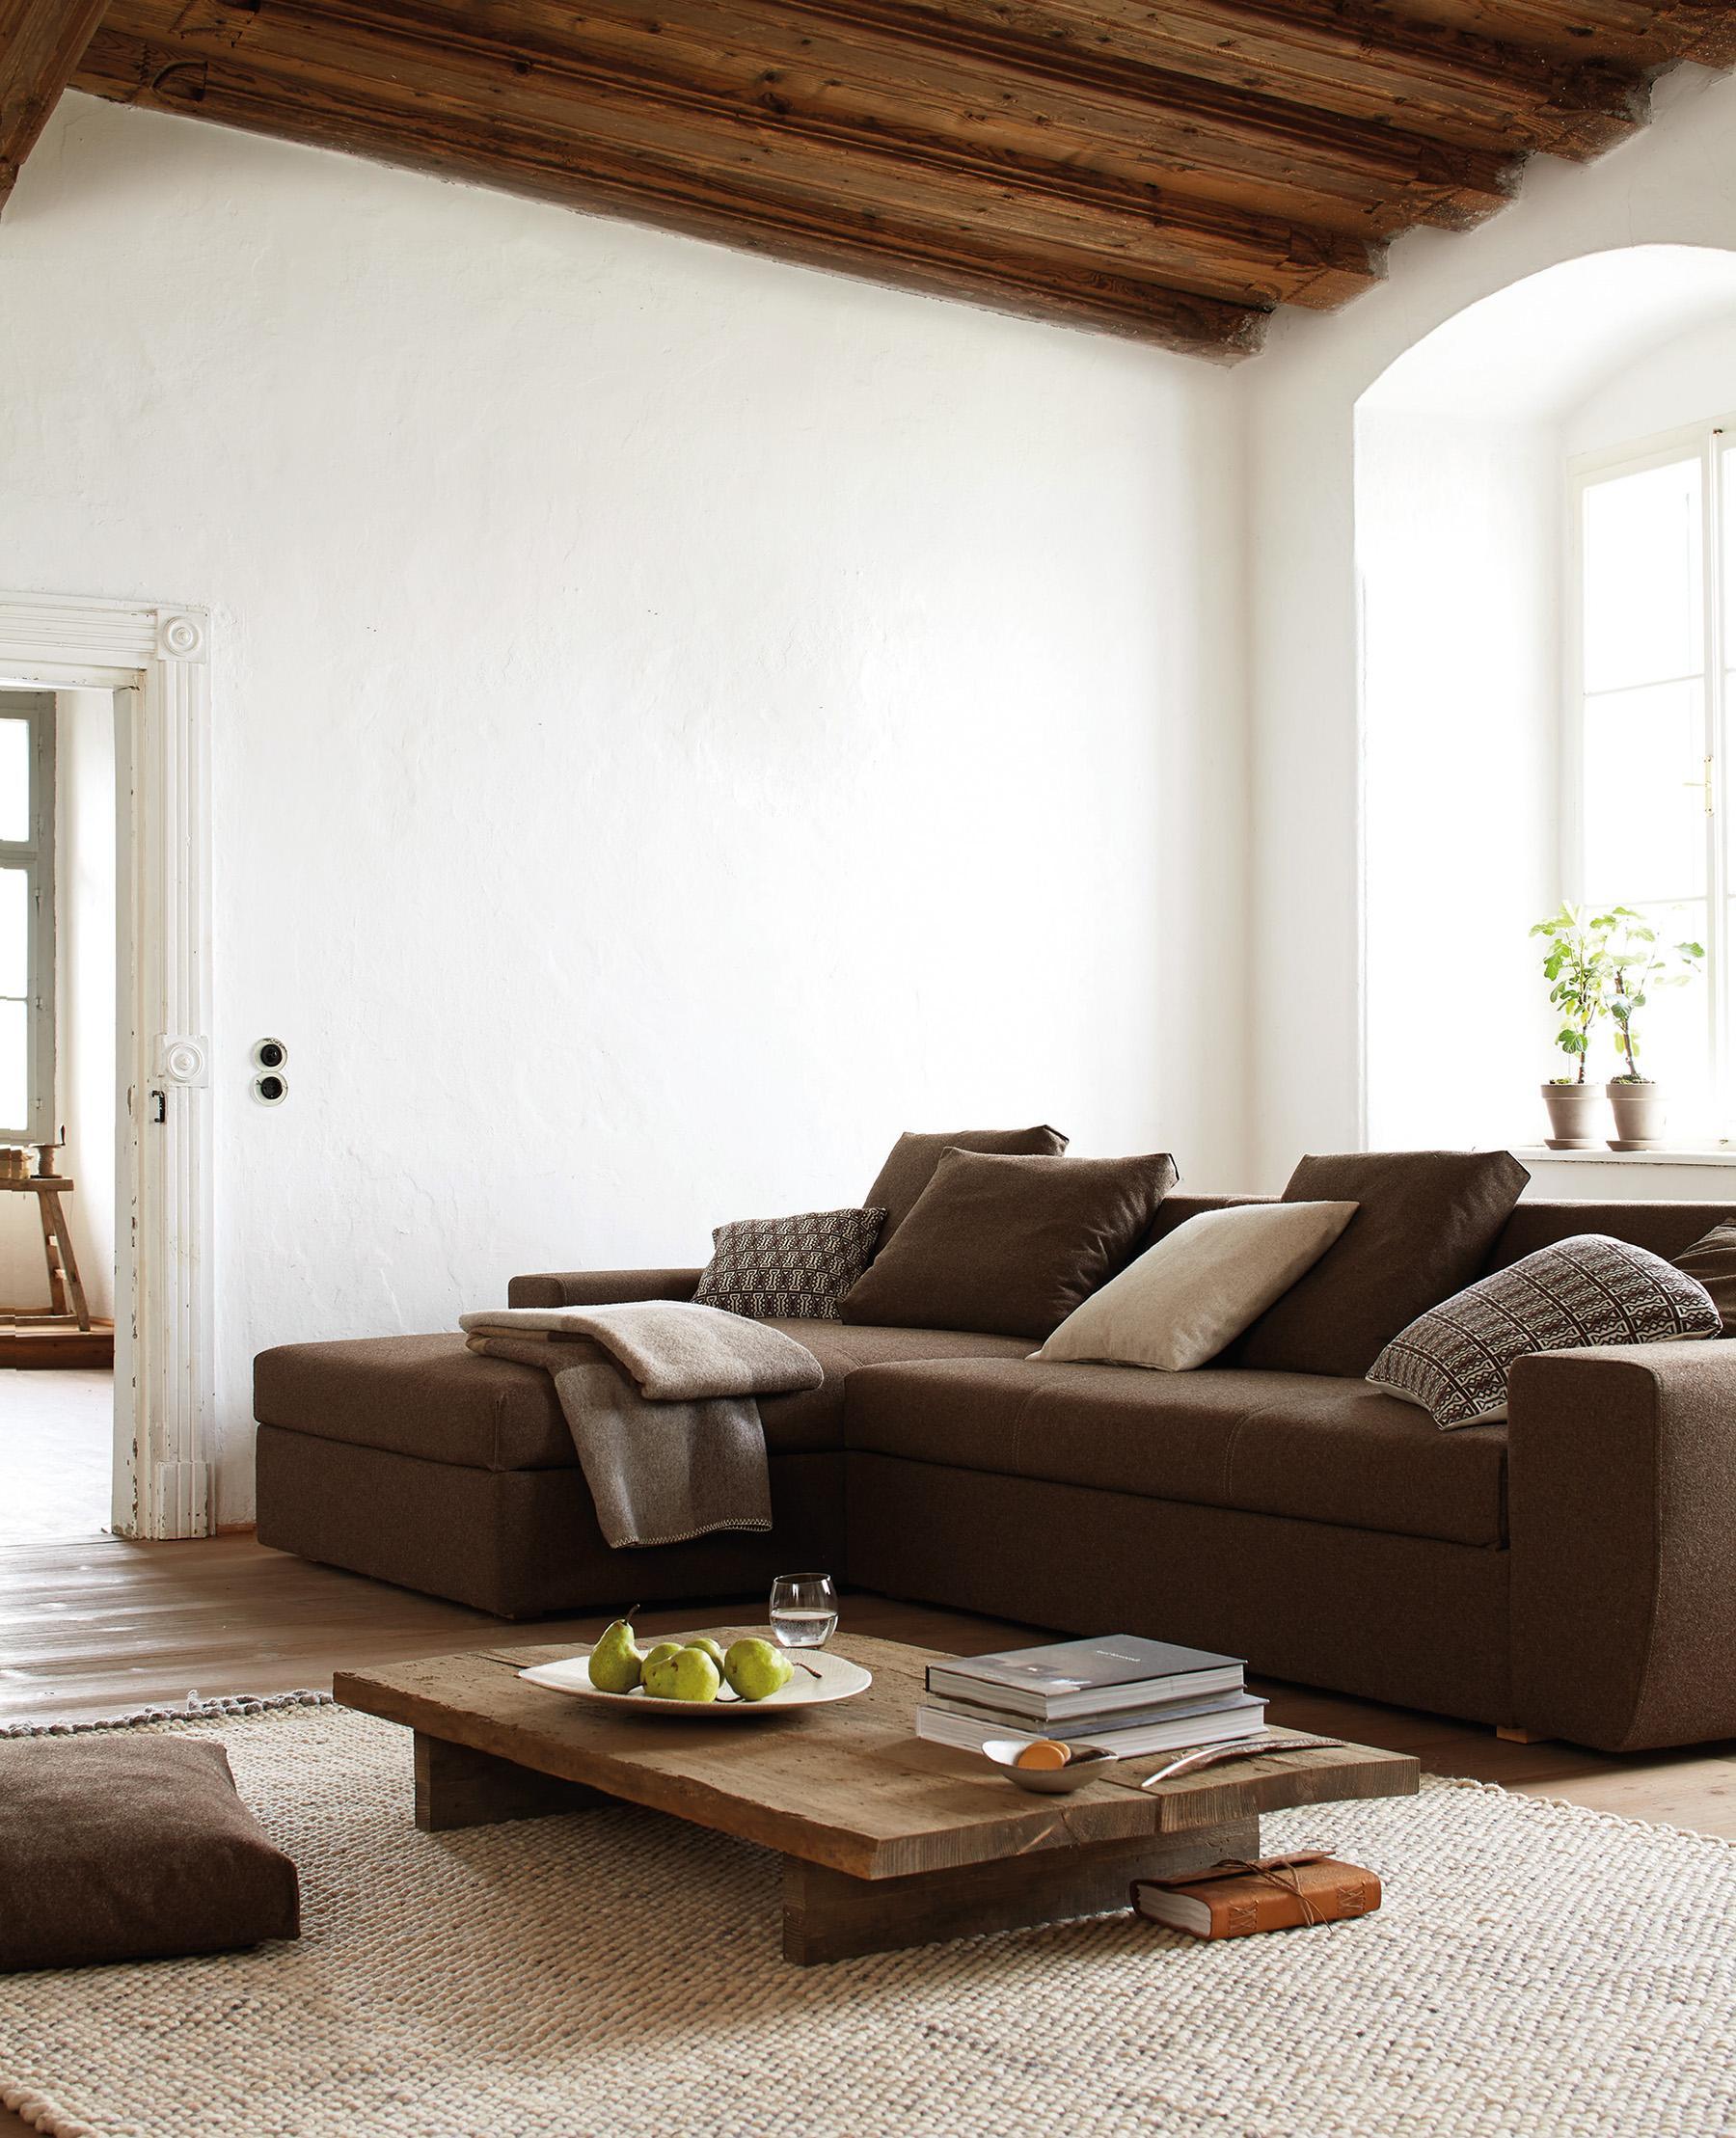 dachbalken bilder ideen couchstyle. Black Bedroom Furniture Sets. Home Design Ideas